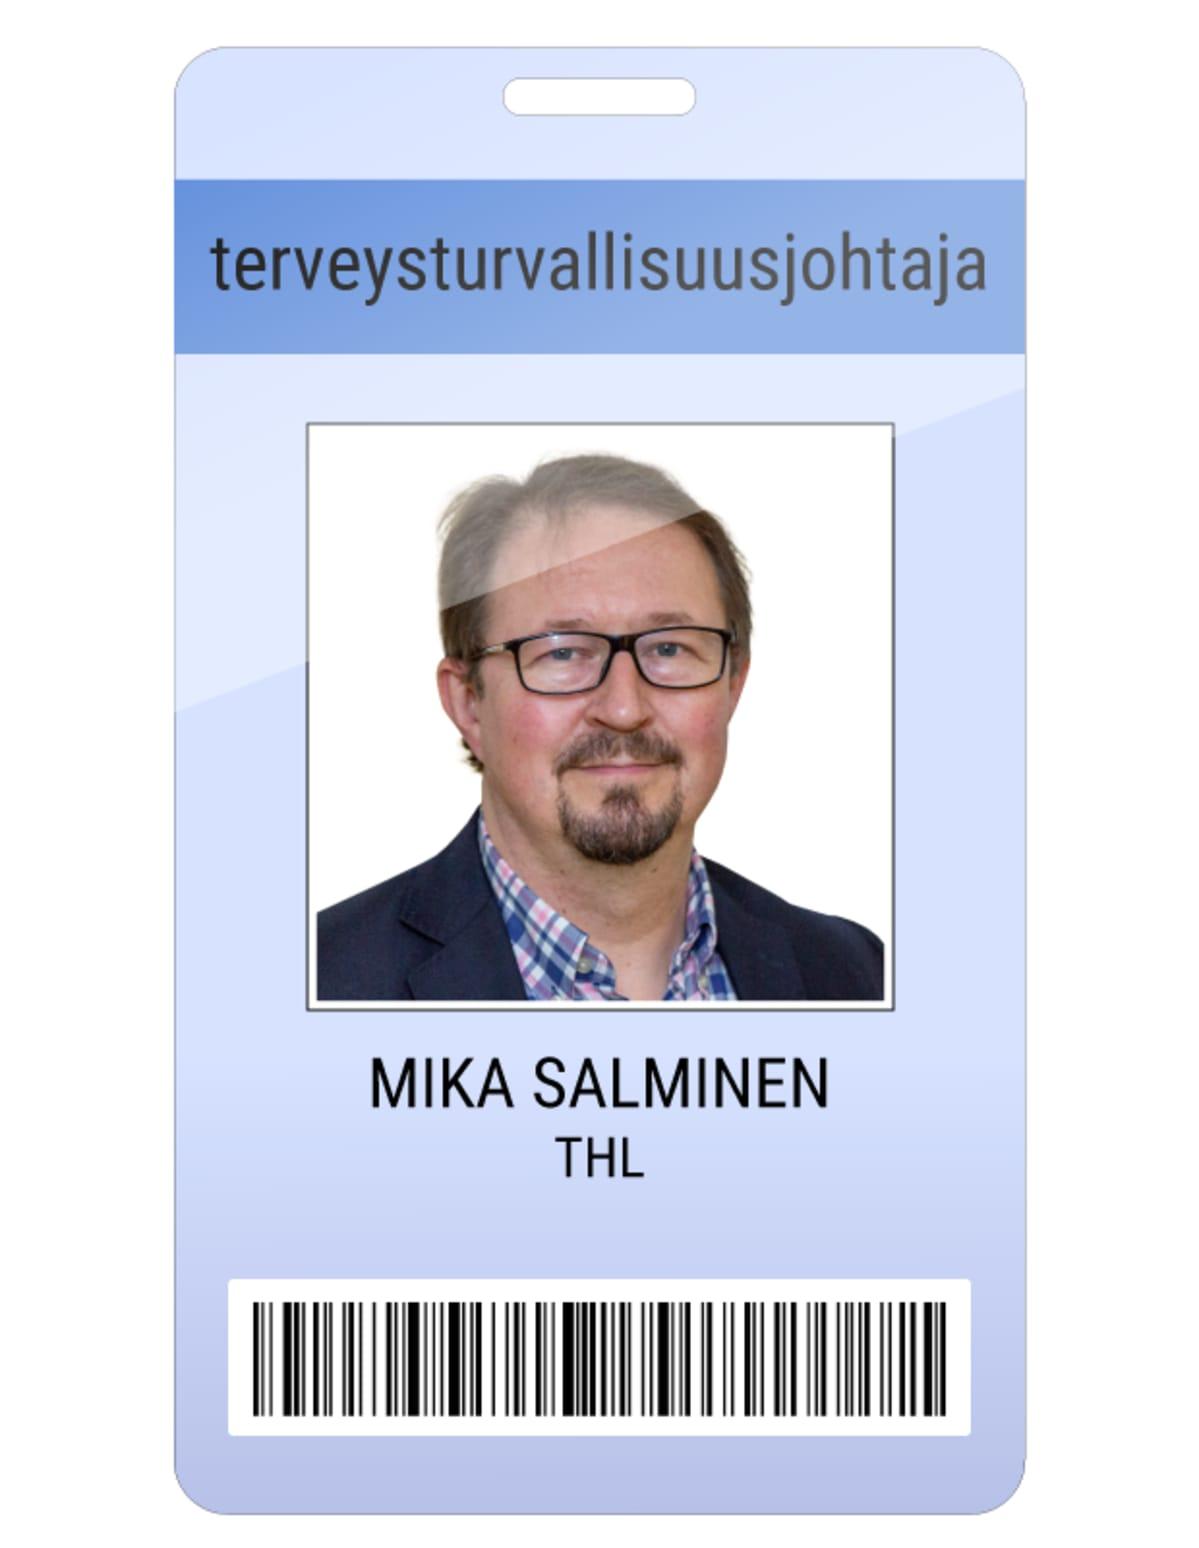 Mika Salminen kuvitteellinen kulkukortti.